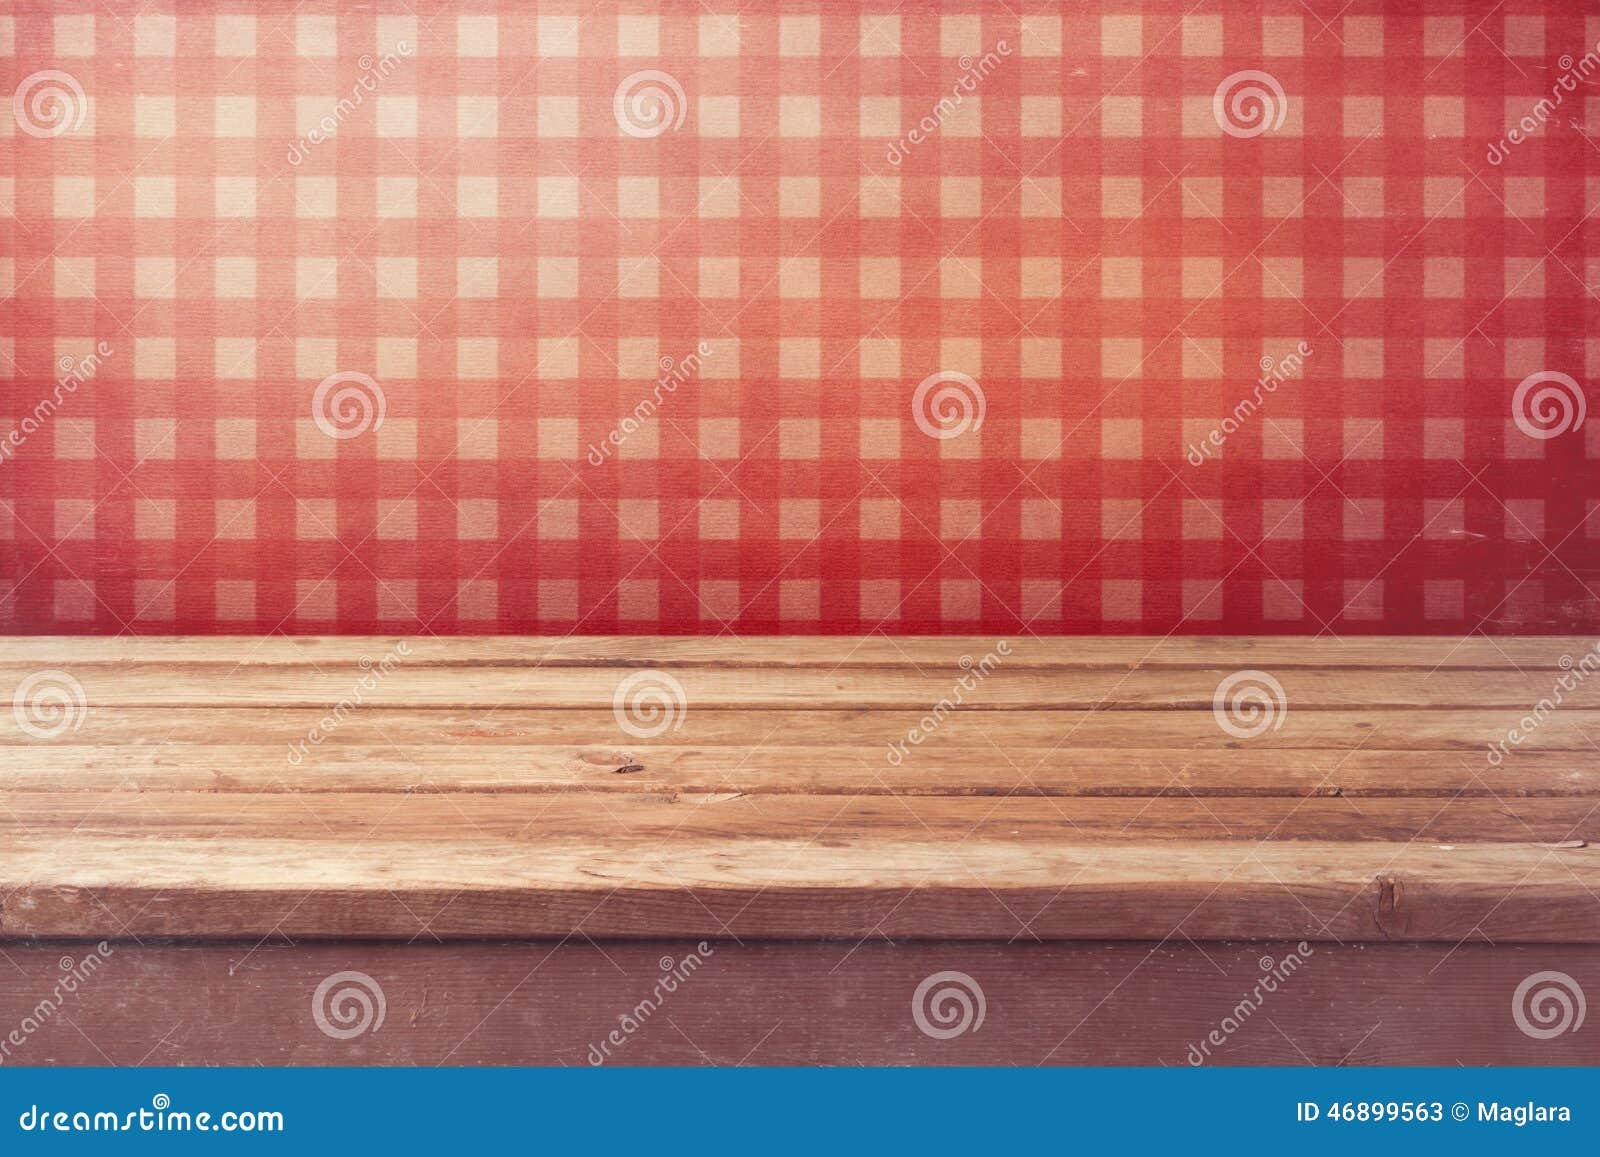 Table en bois vide de plate forme au dessus de papier for Papier peint cuisine rouge